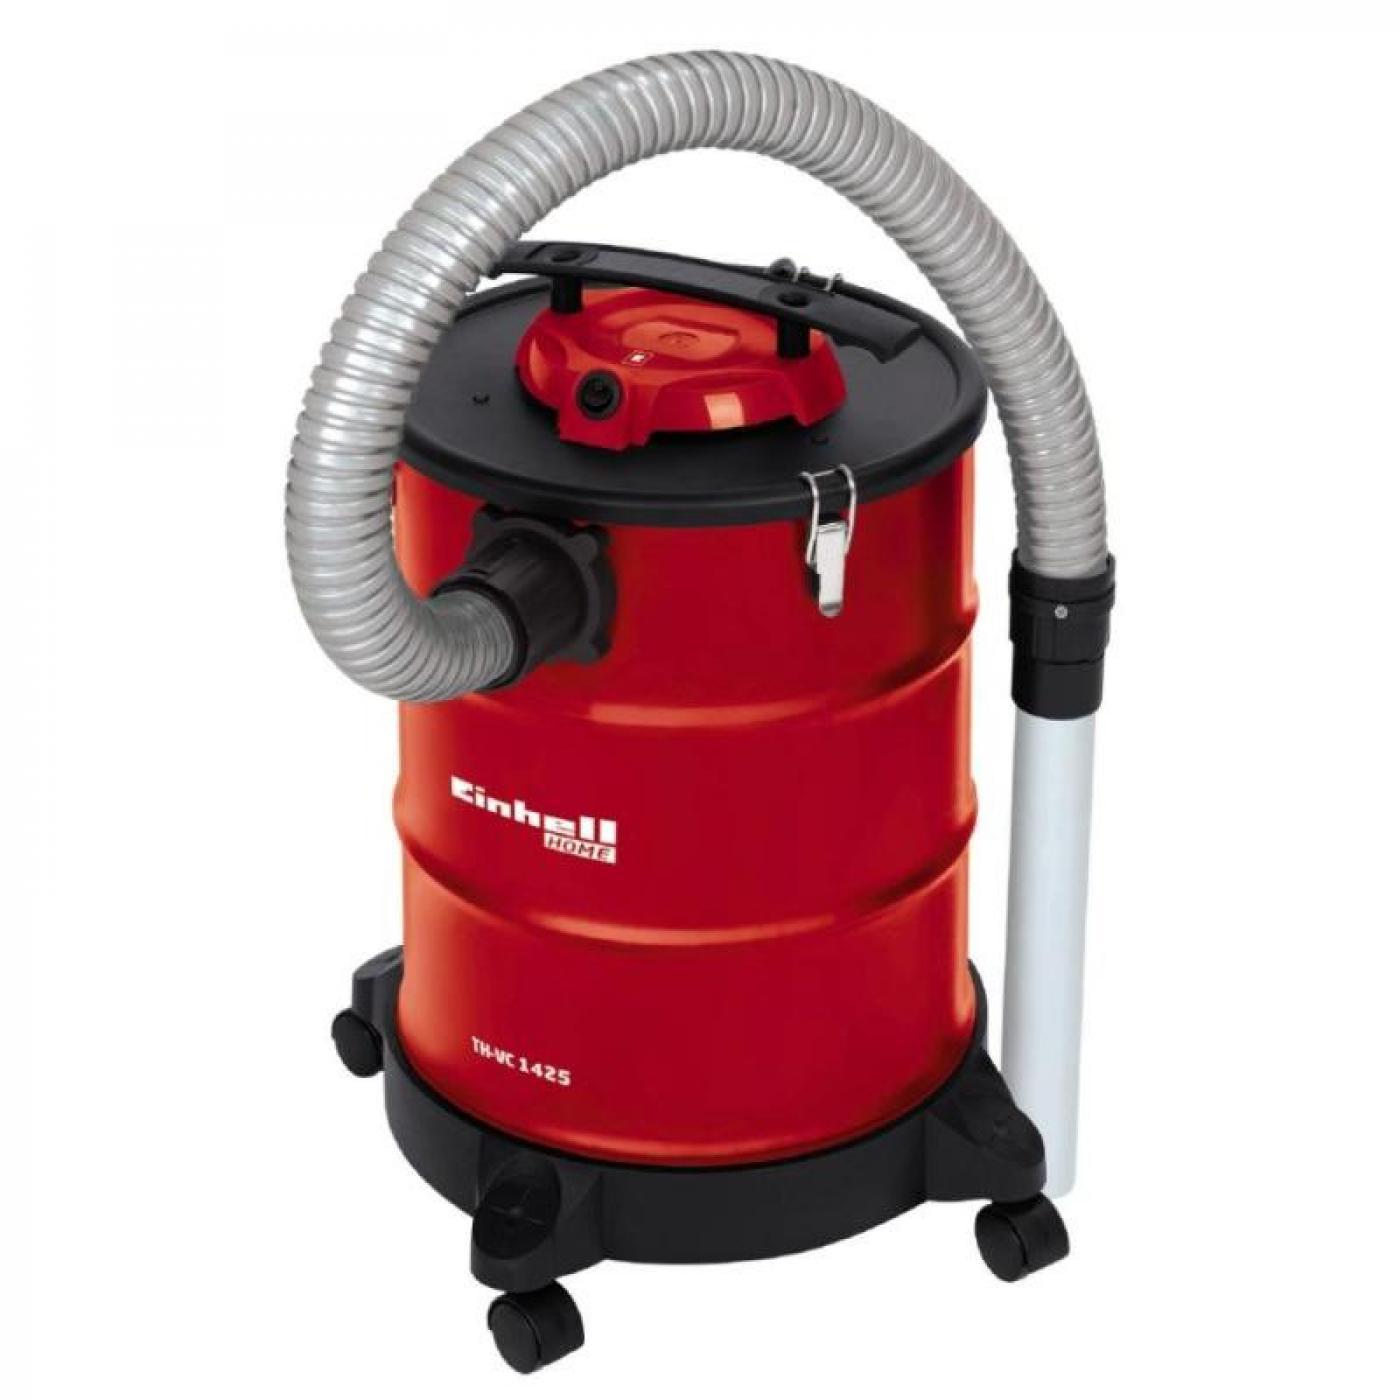 Aspirador con filtro integrado chimeneas th vc 1425 - Aspiradores de ceniza ...